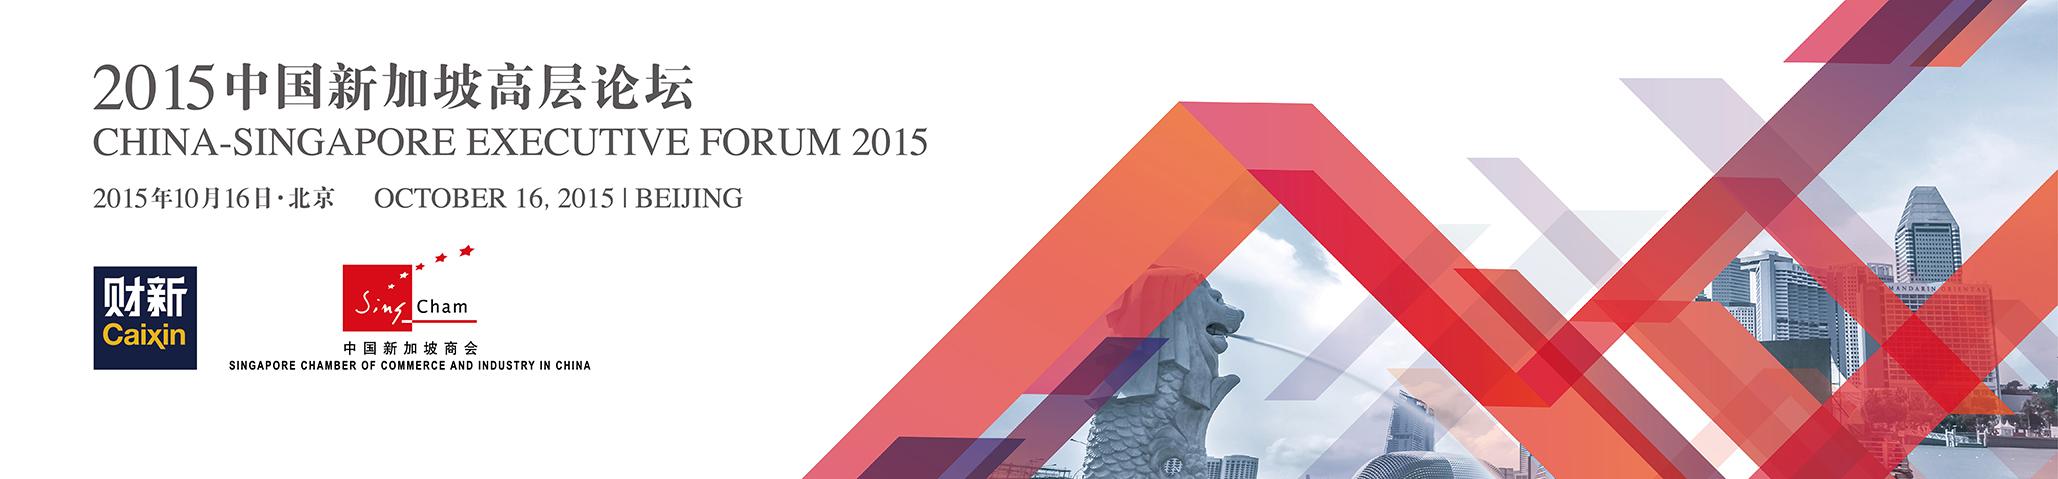 中国 新加坡商会 高层论坛 改革